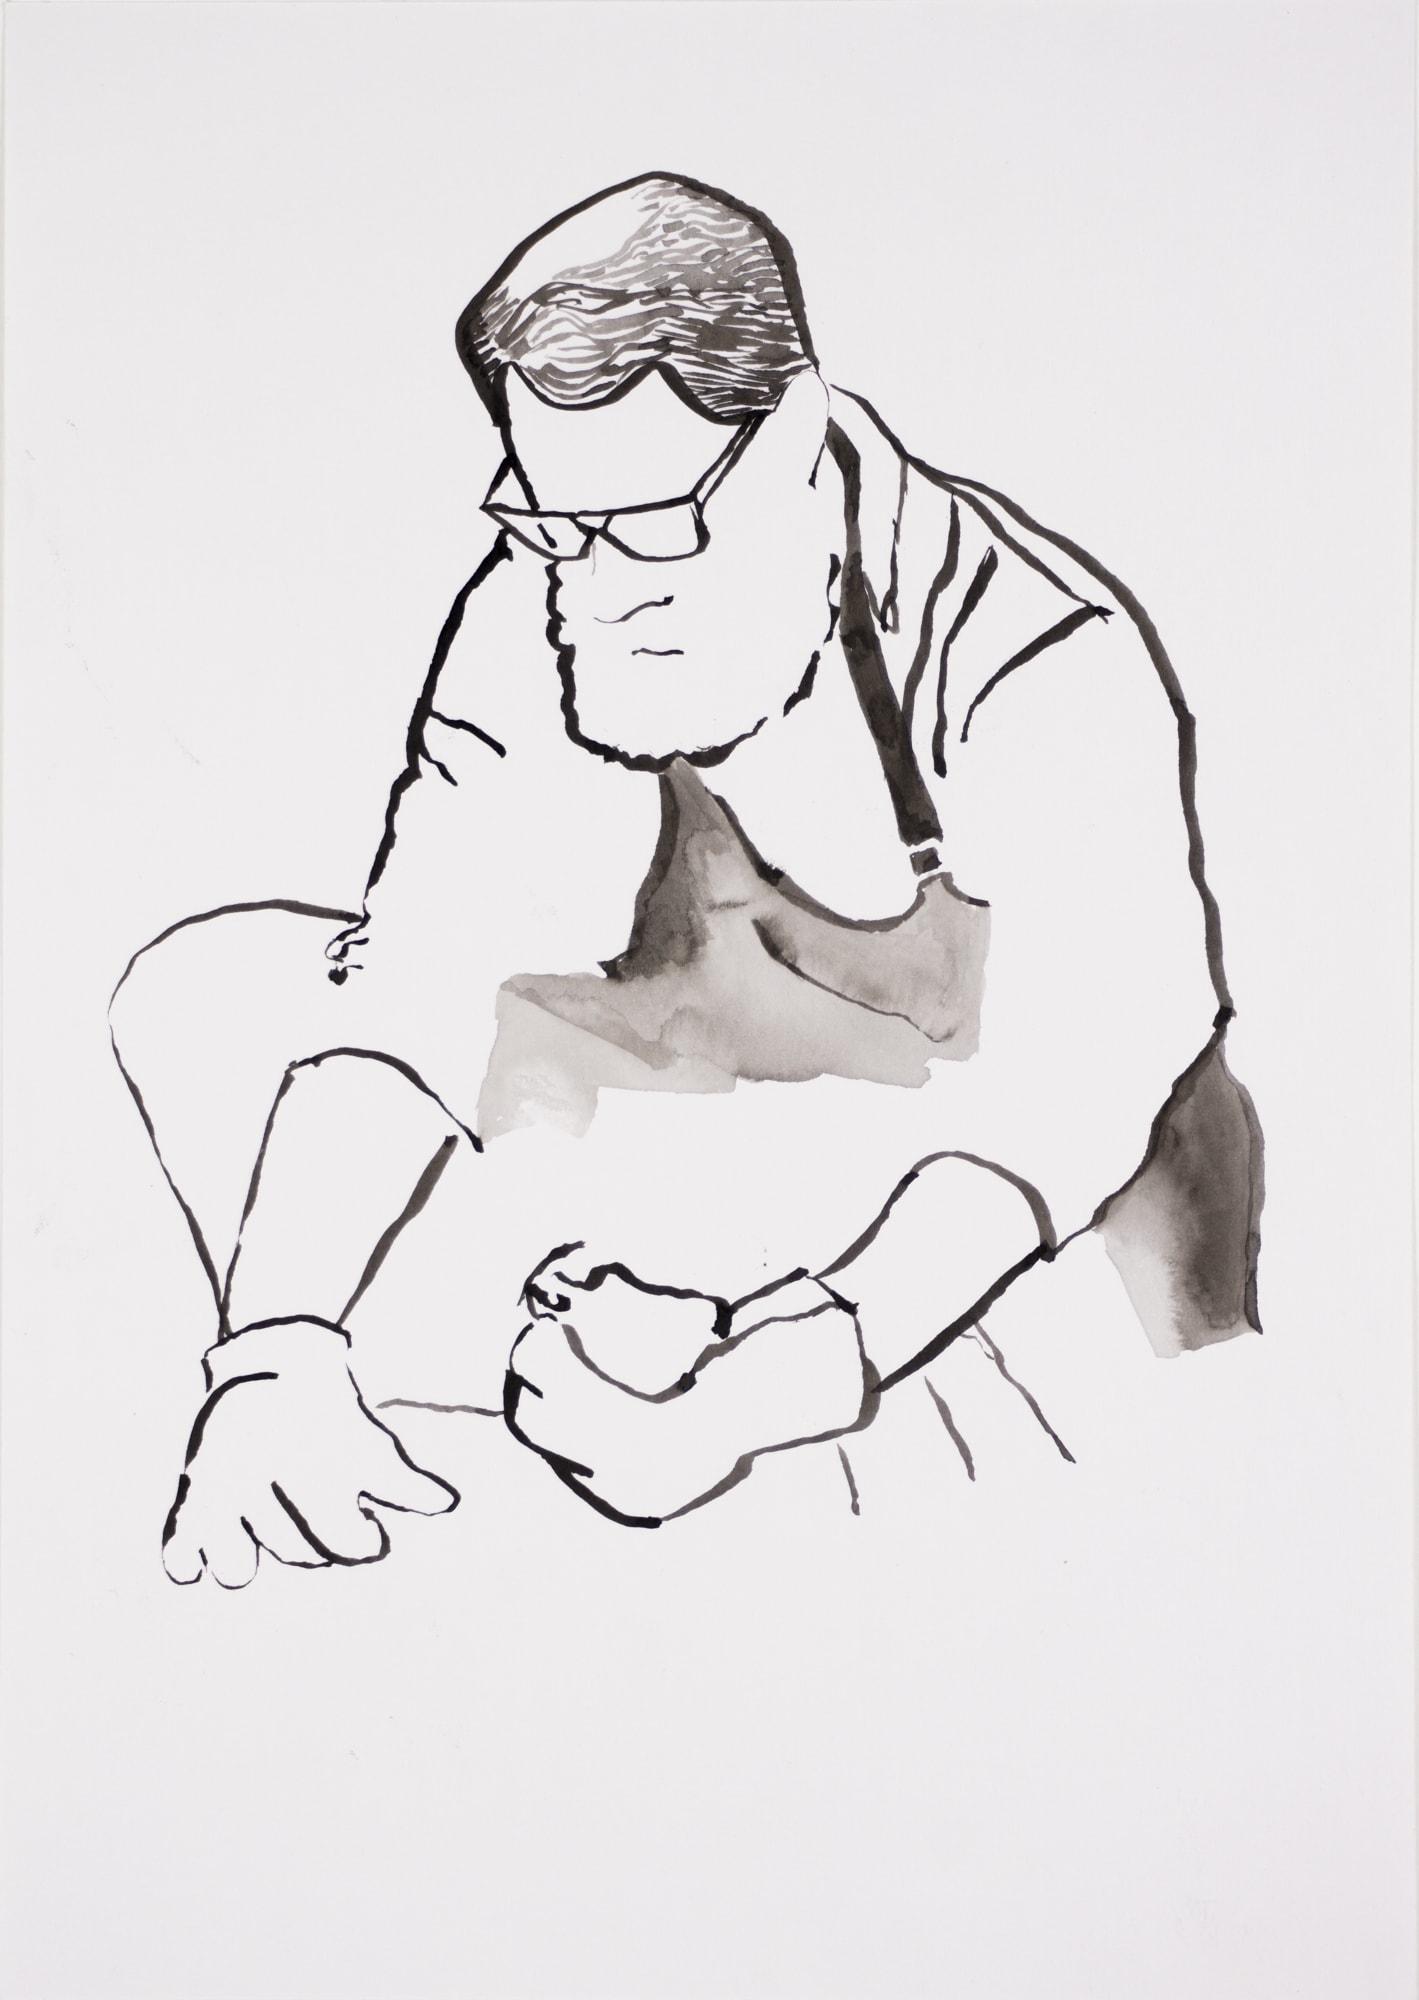 Zeichnung, Tusche auf Papier, 21x29,7cm, Portrait, Künstlerin: Franziska King